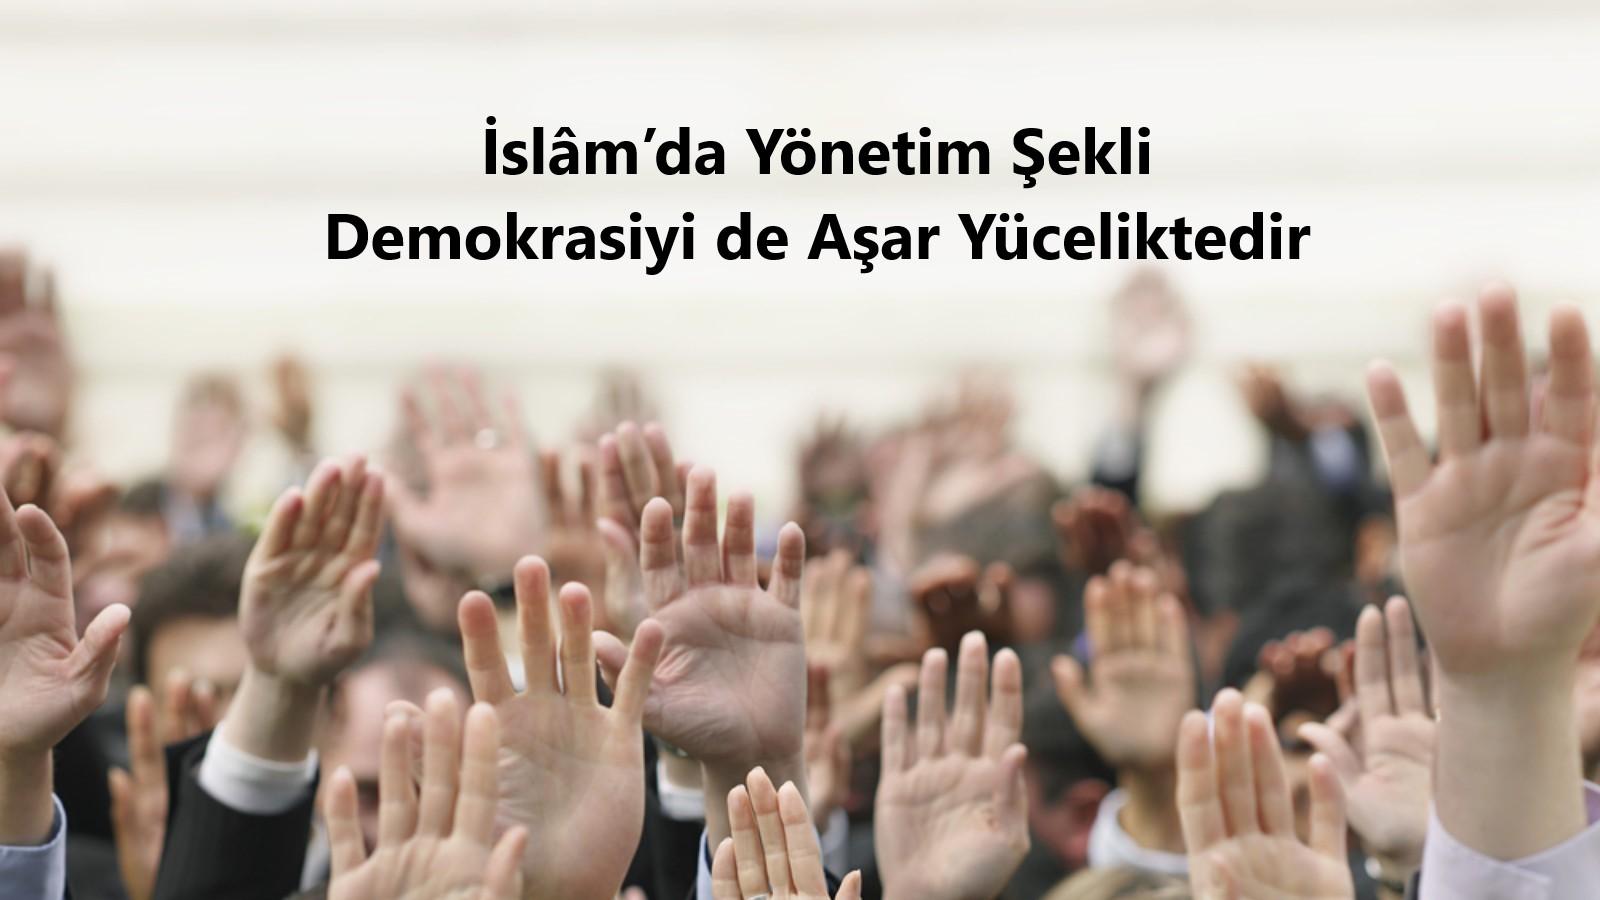 İslâm'da Yönetim Sekli Demokrasiyi de Asar Yüceliktedir